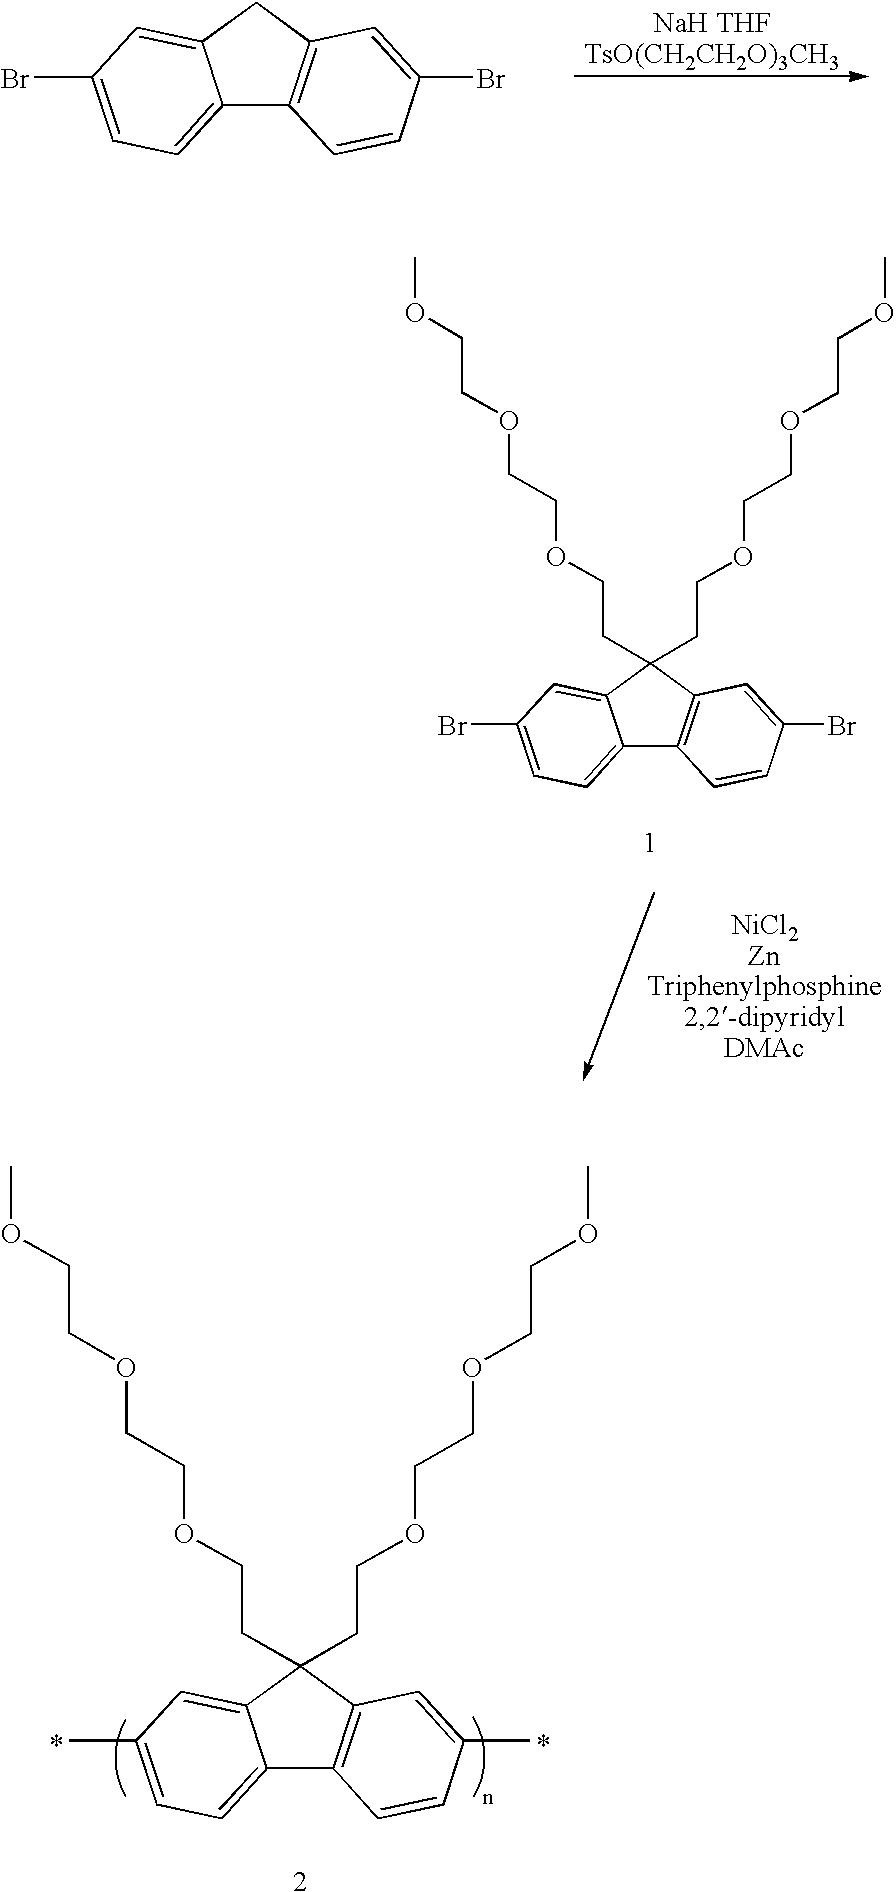 Figure US20060118768A1-20060608-C00002